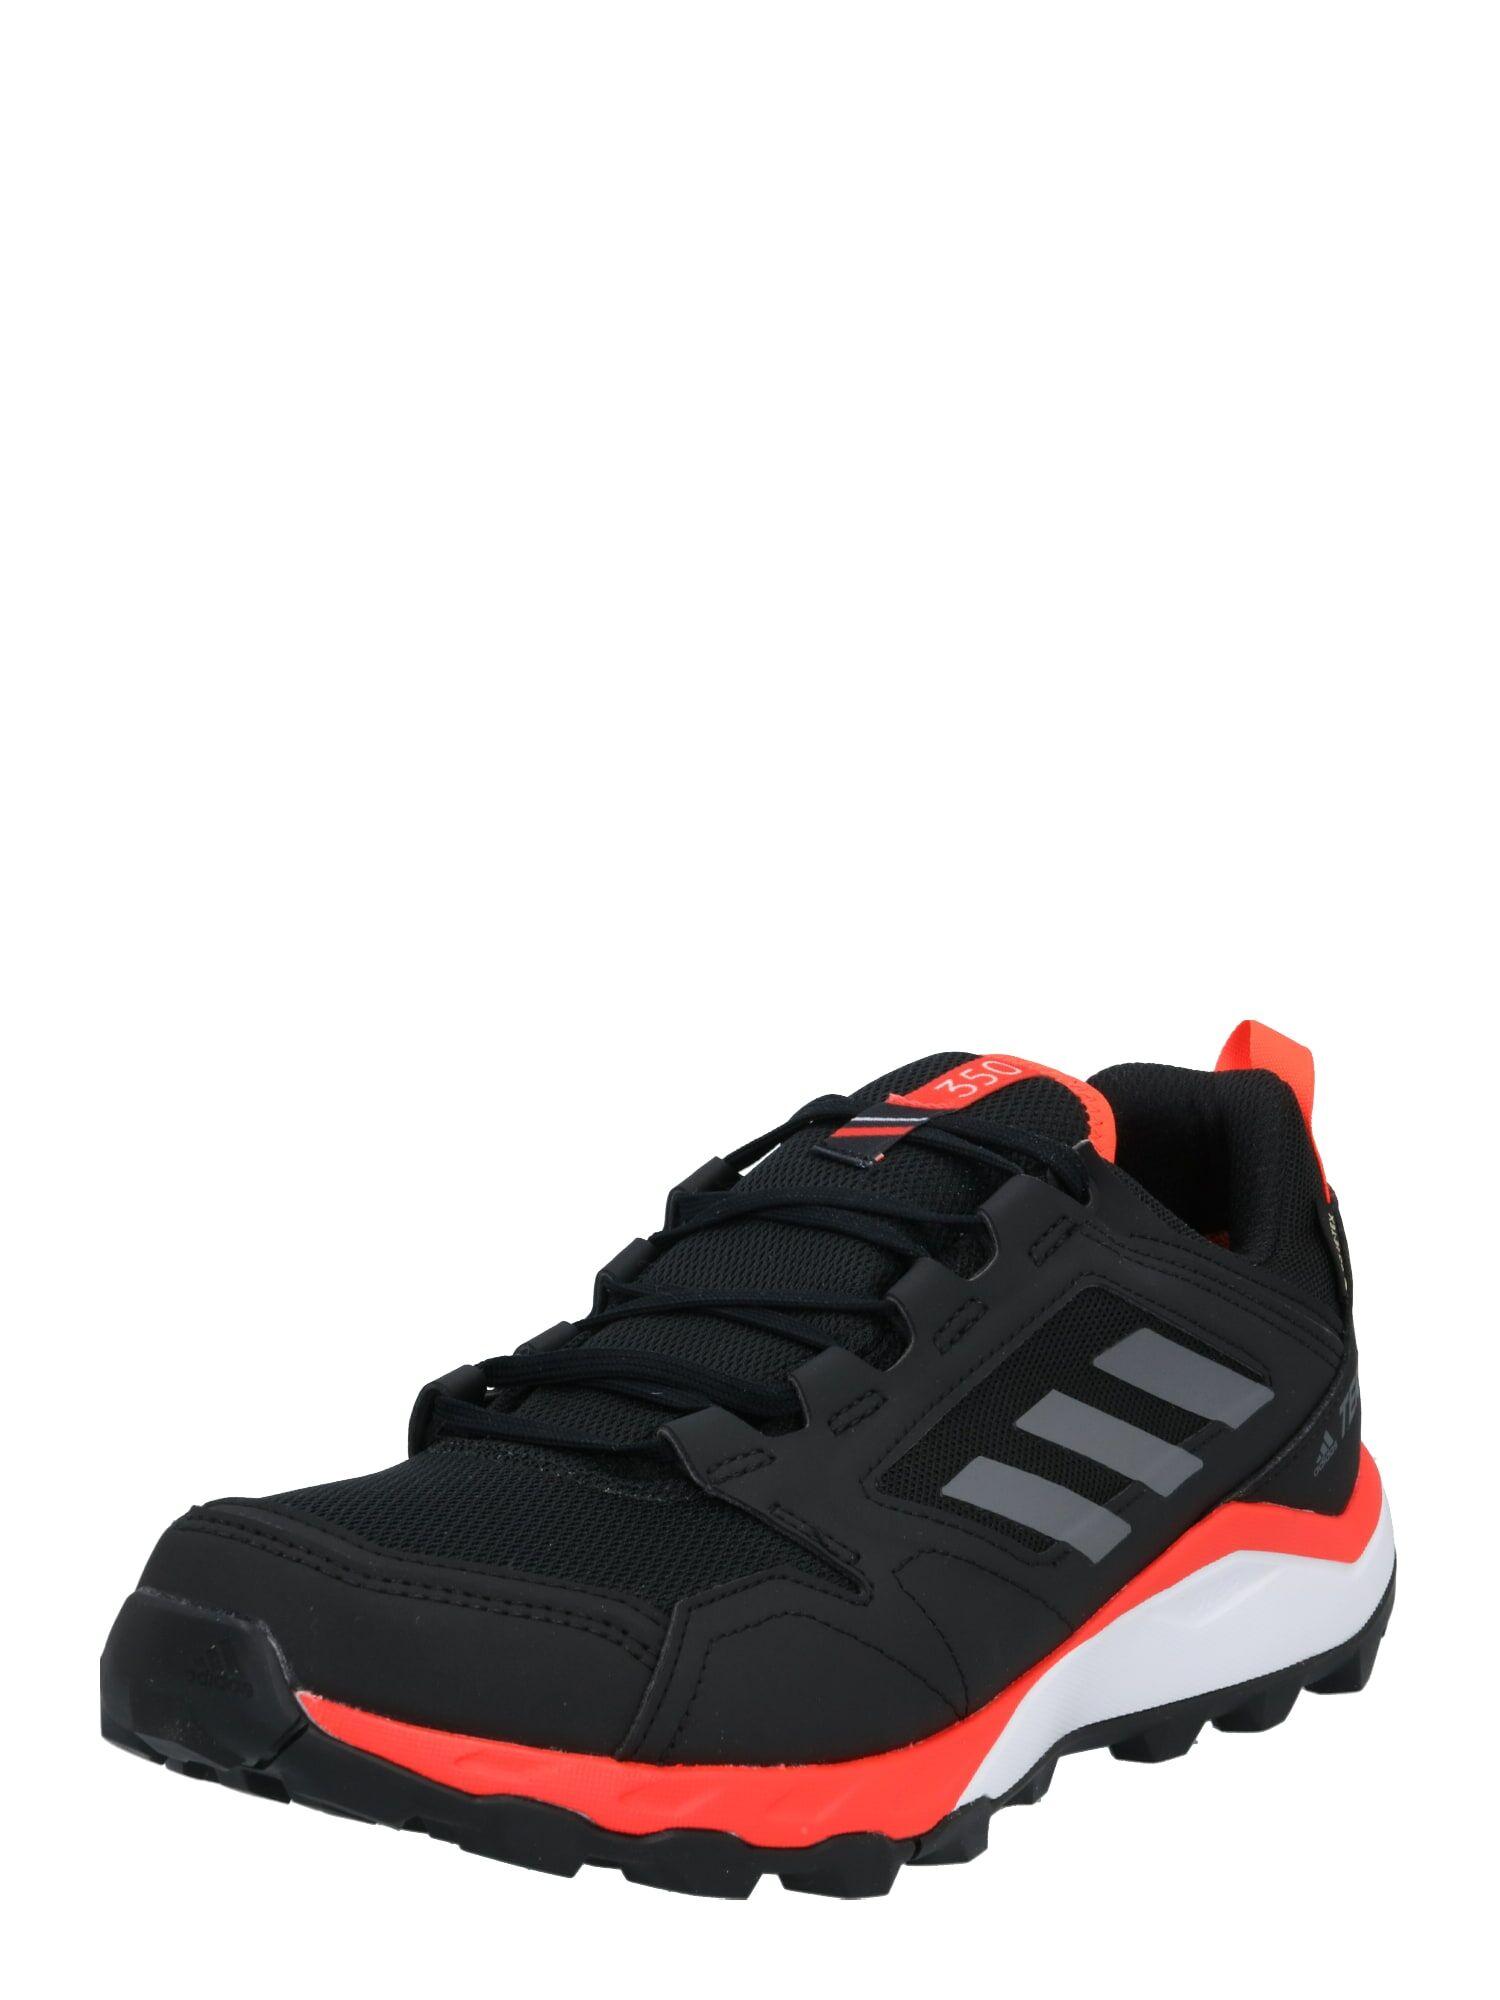 adidas Terrex Chaussure de course  - Noir - Taille: 9 - male